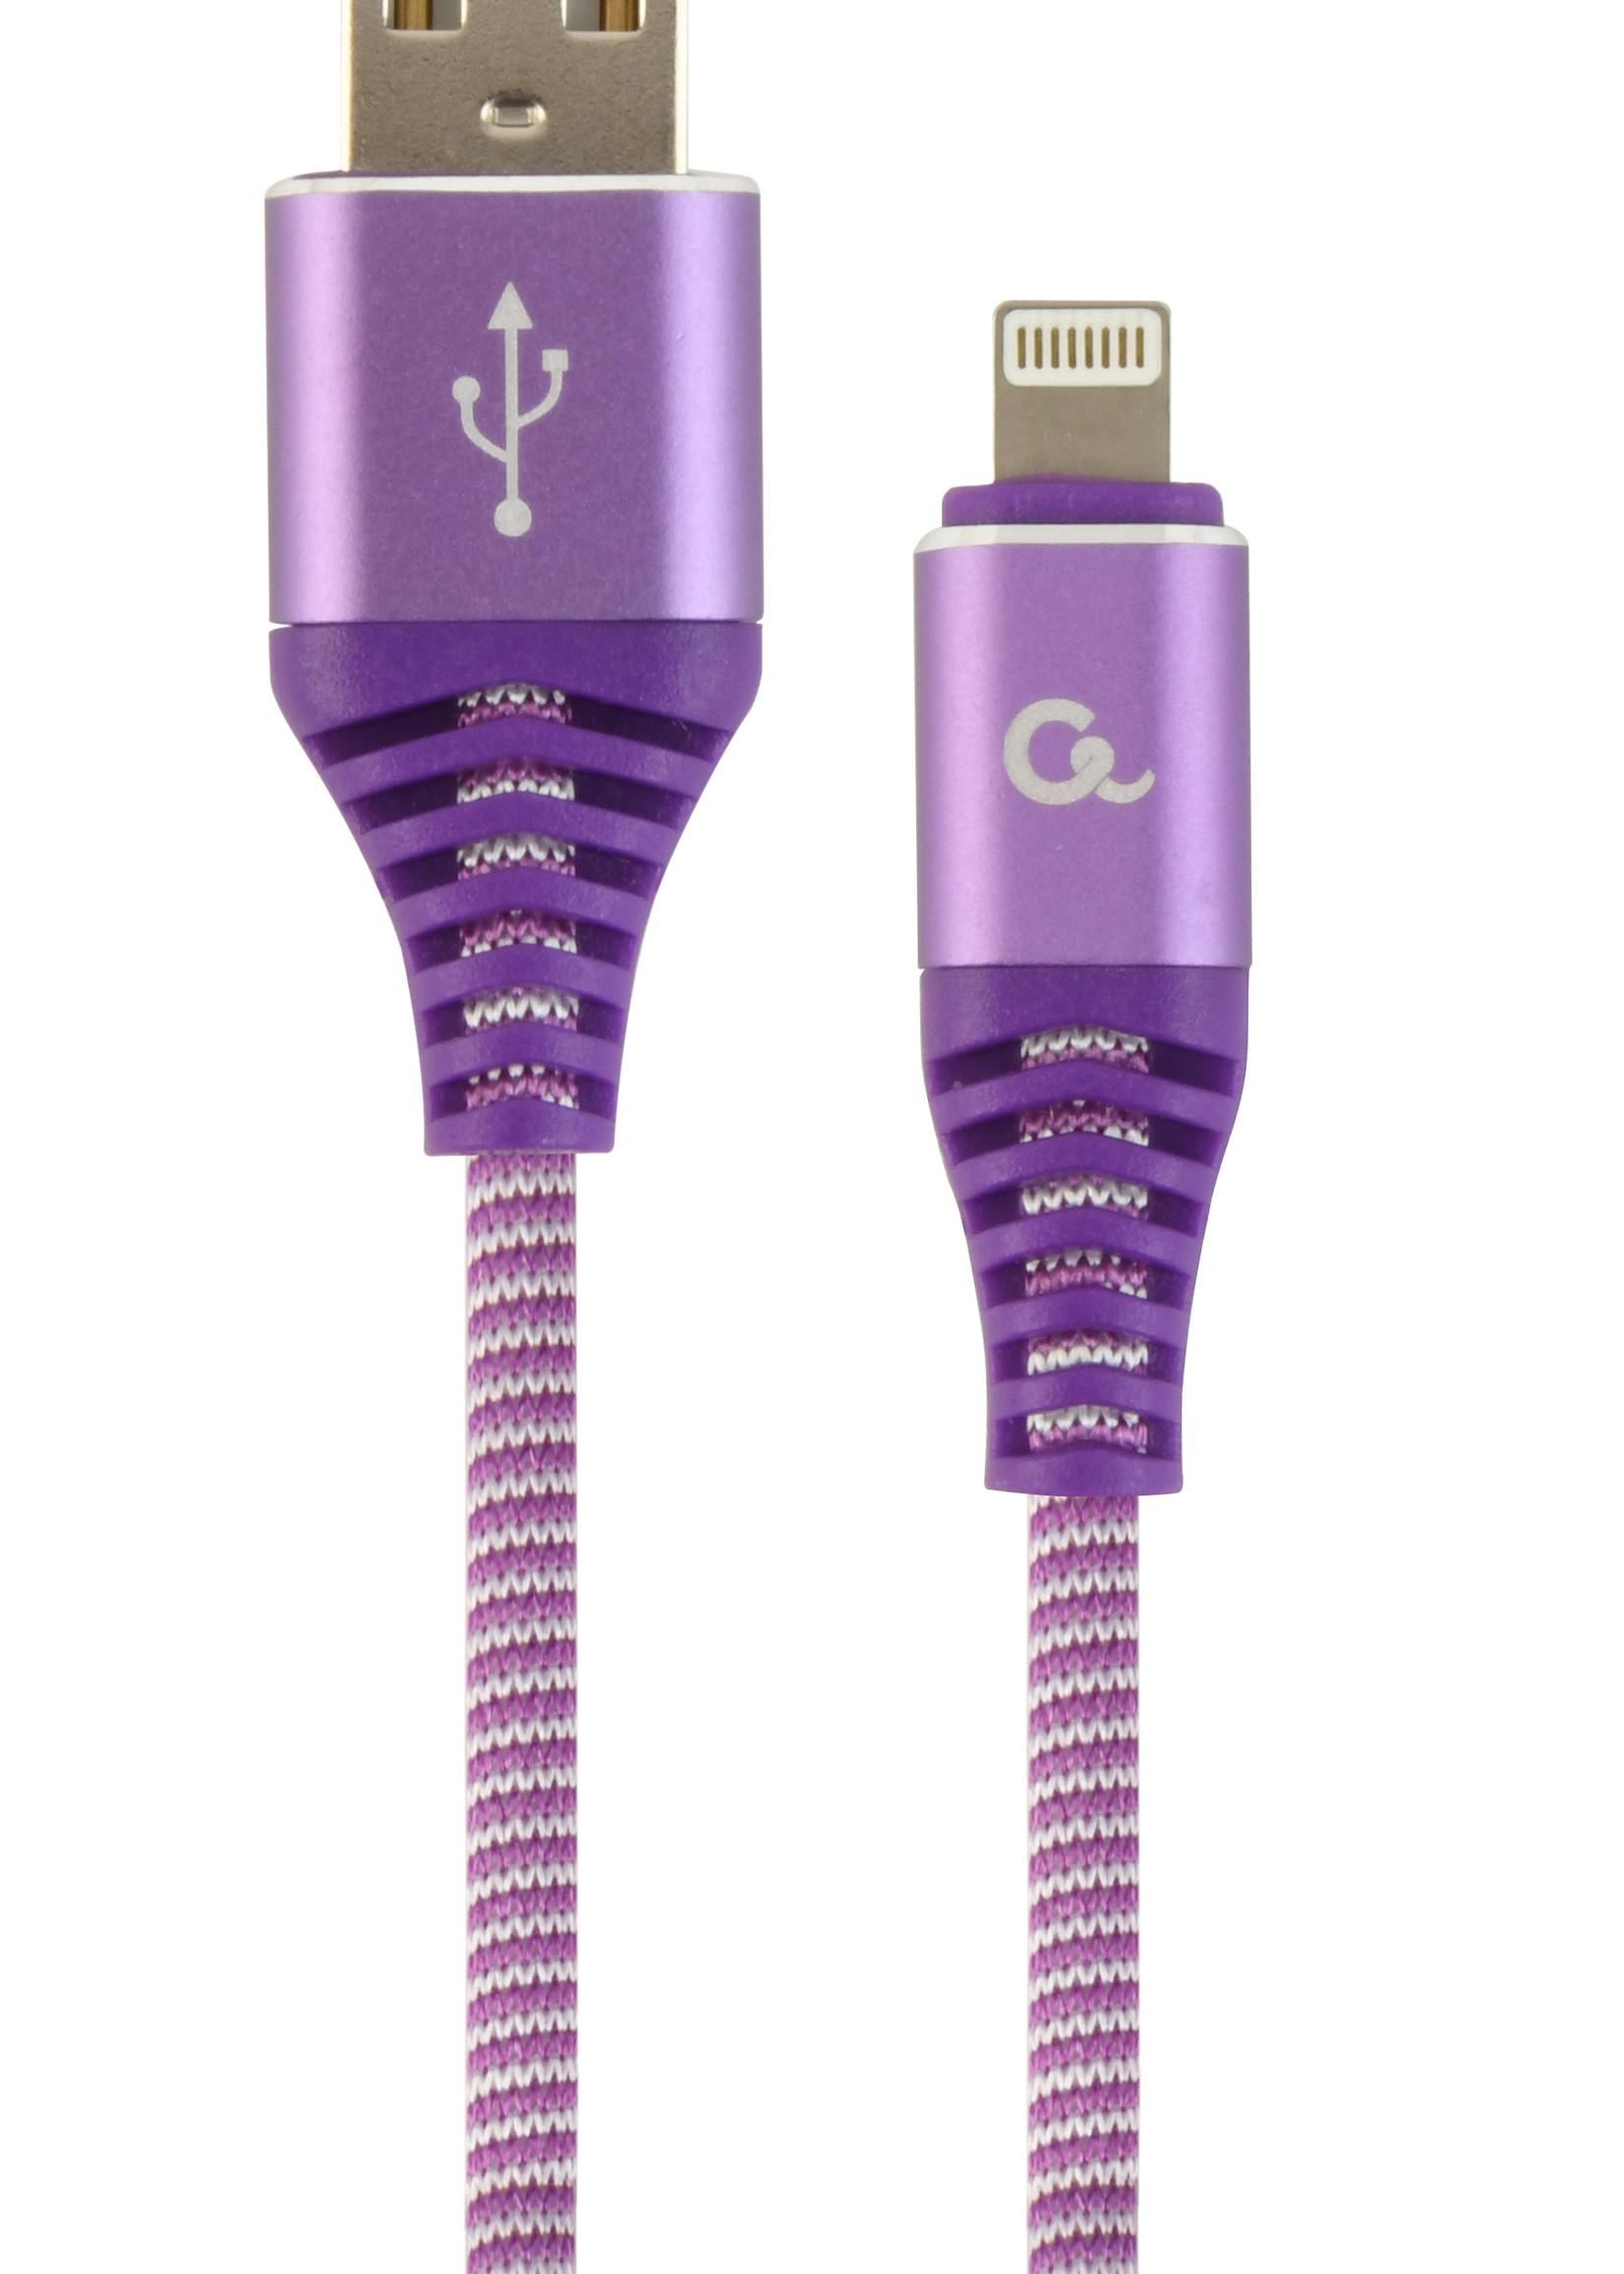 CableXpert Premium 8-pin laad- & datakabel 'katoen', 1 m, paars/wit